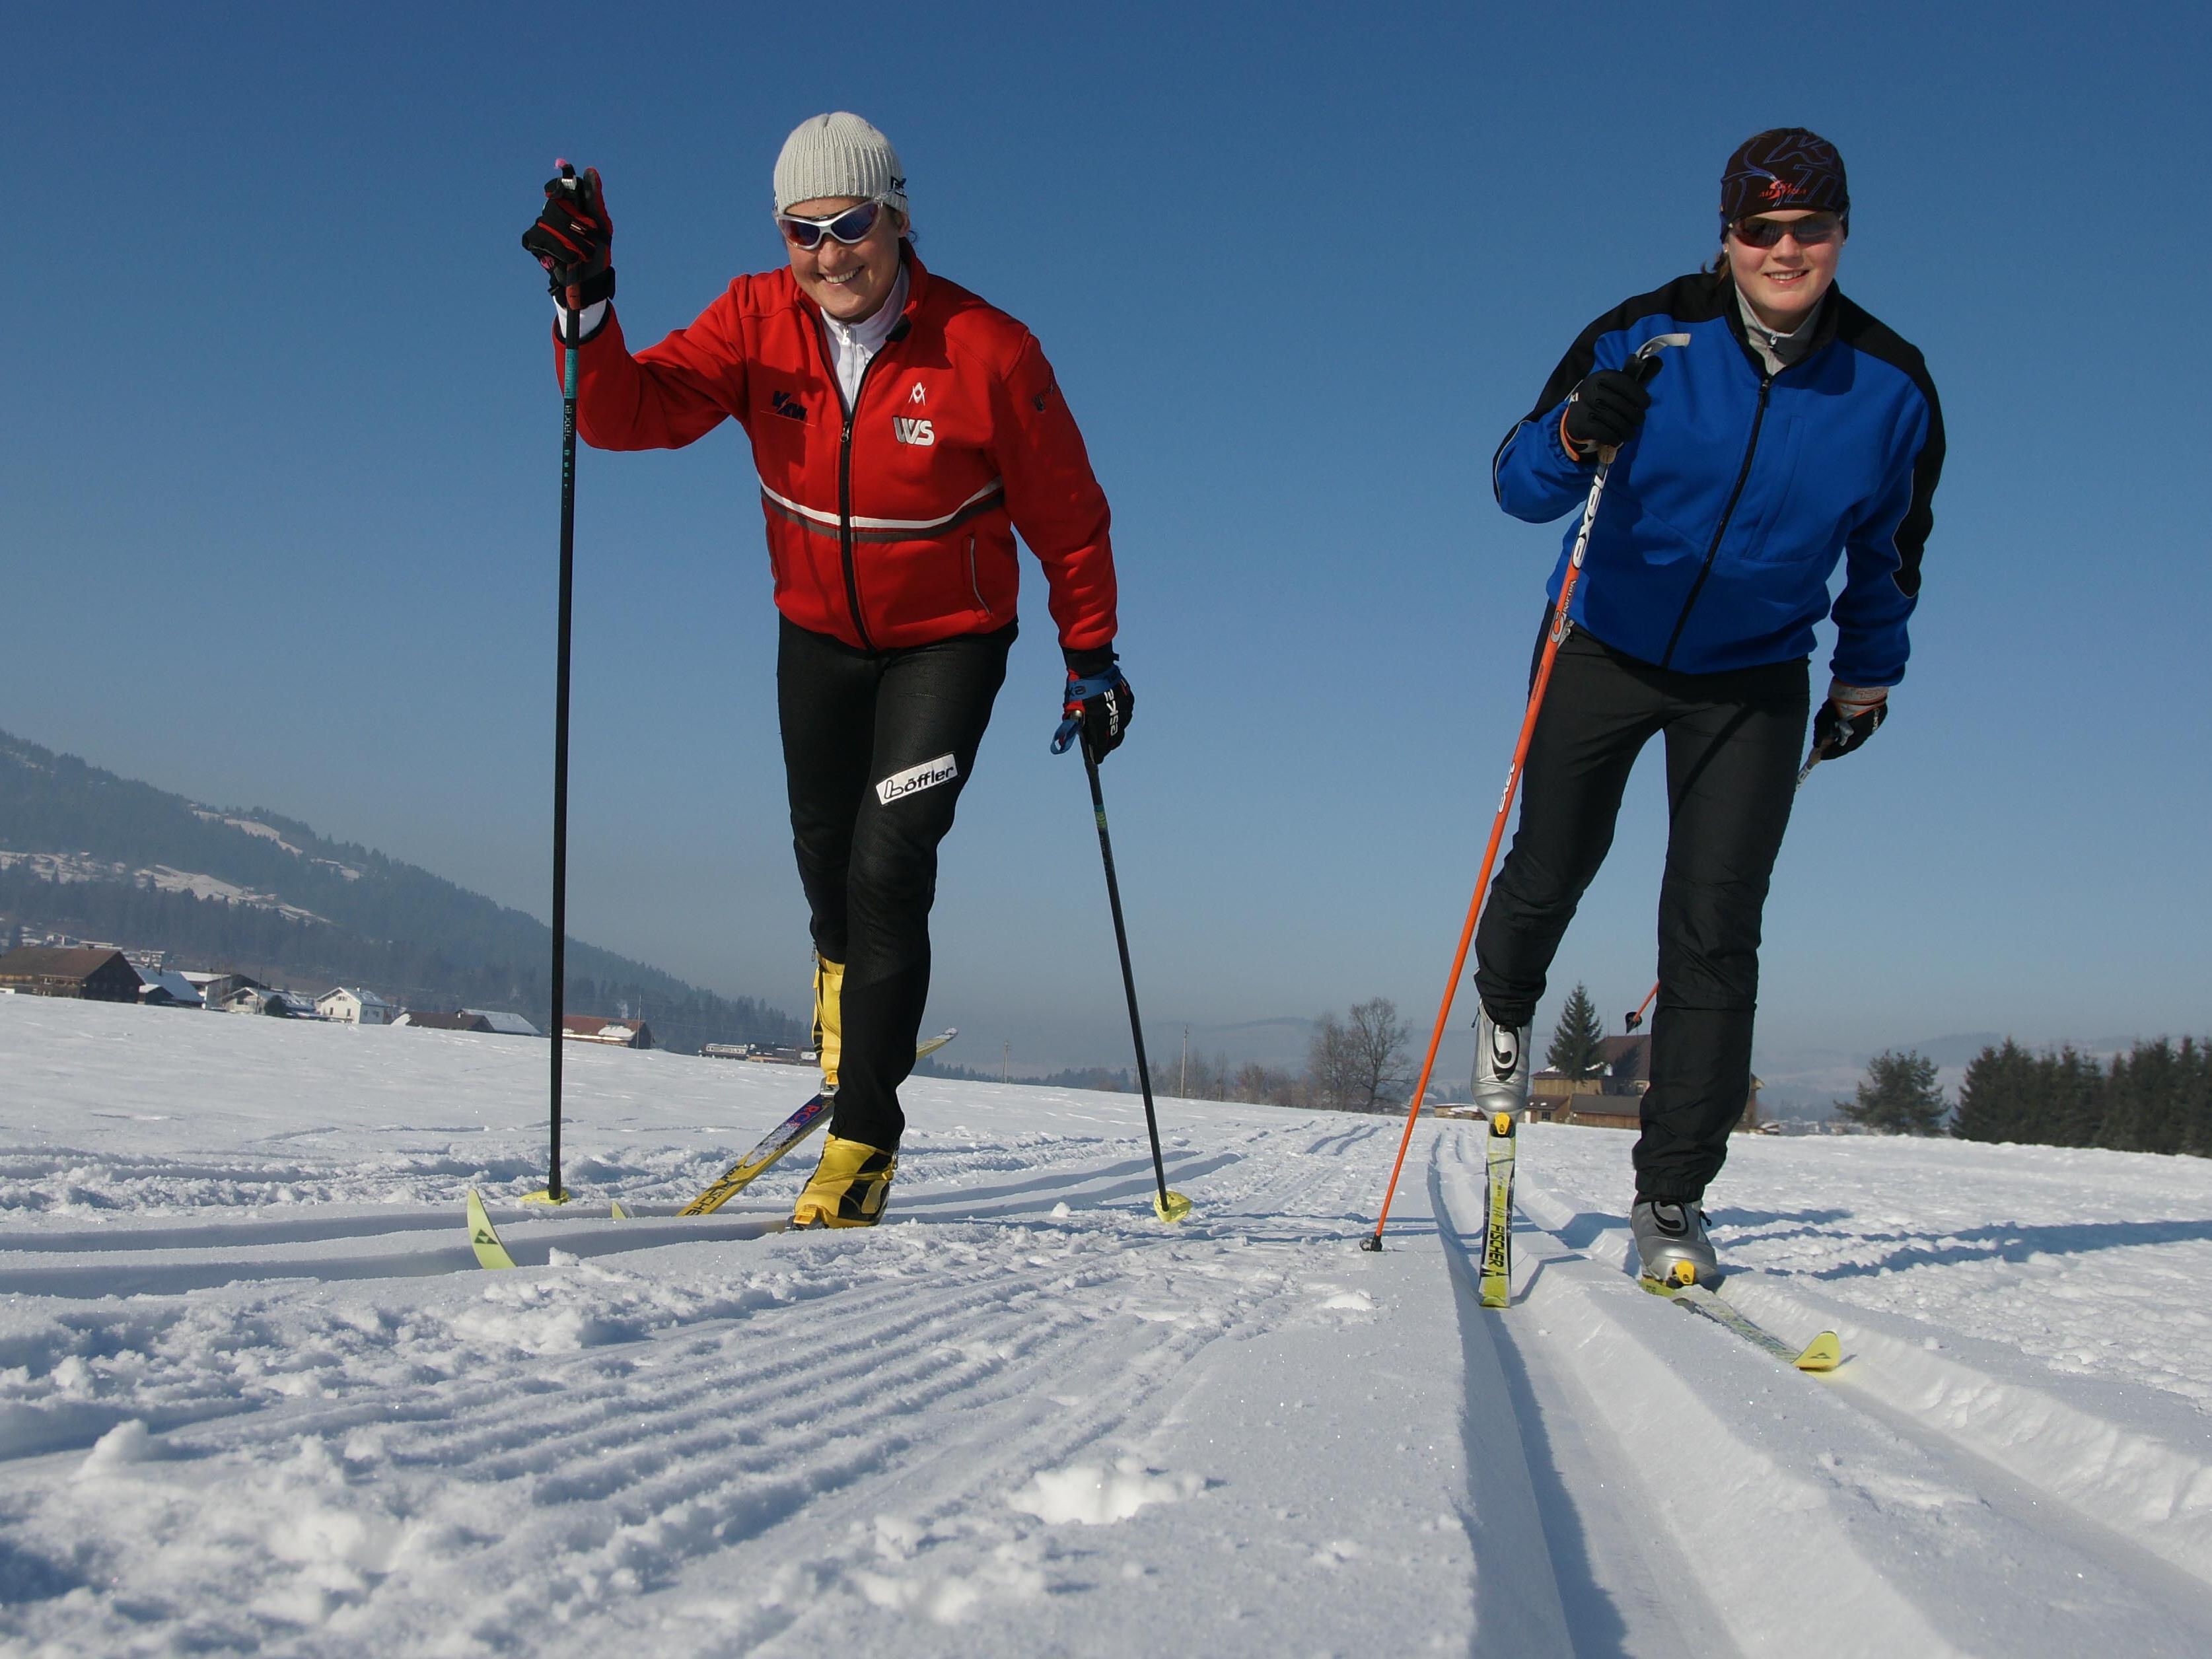 Langlauf als Gesundheitssport